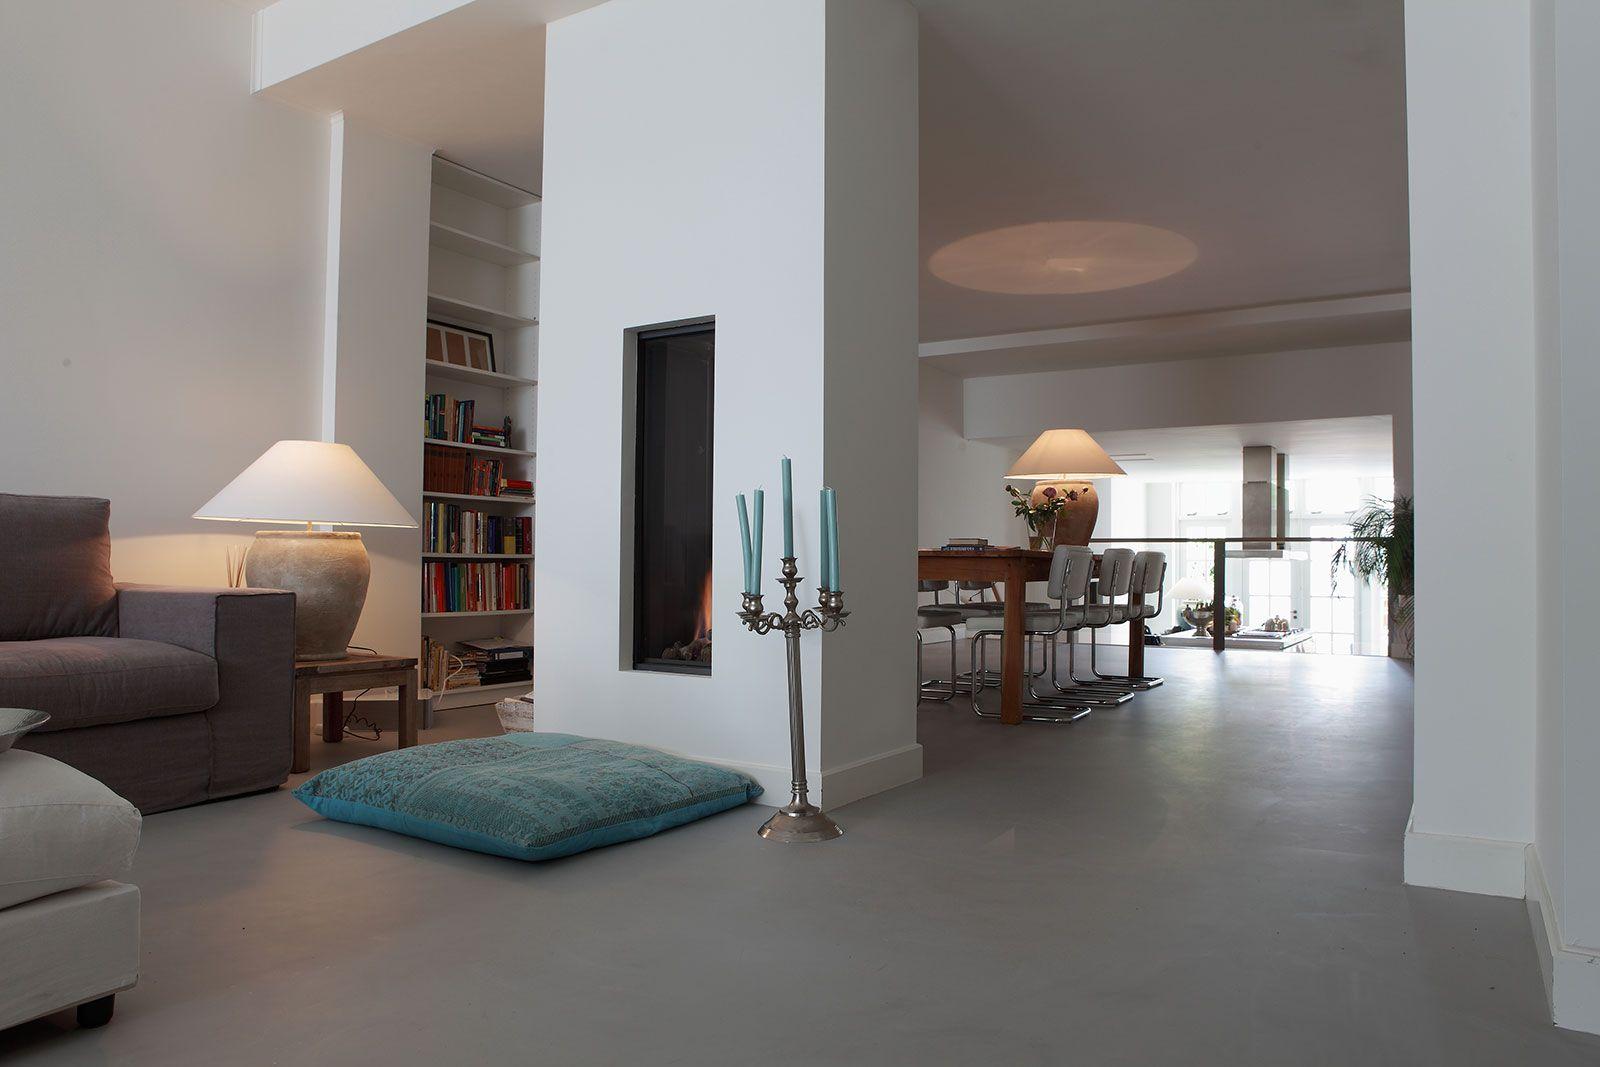 Exclusieve Gietvloer Woonkamer : Gietvloer woonkeuken in 2019 wonen interieur showrooms en huiskamer